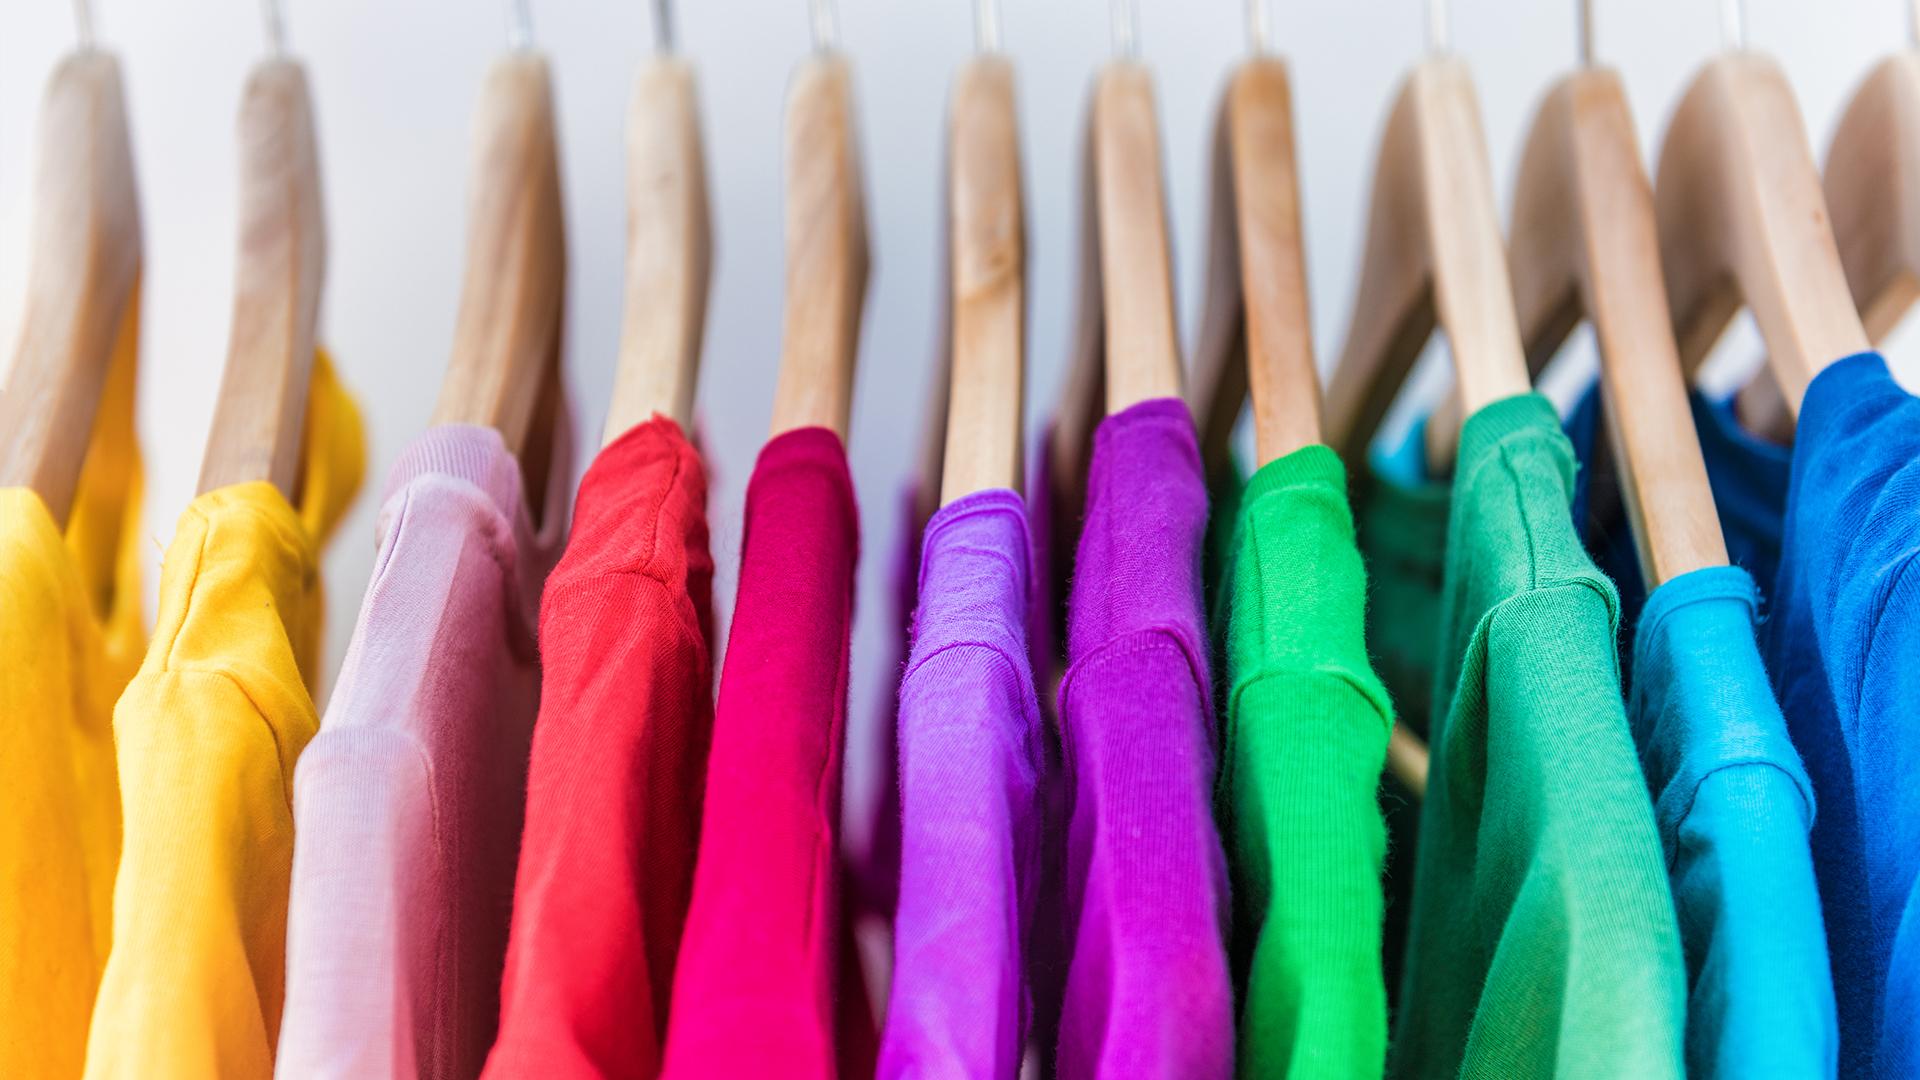 3 เทคนิคดูแลผ้าสี ให้สดใสแลดูเหมือนใหม่ตลอดเวลา